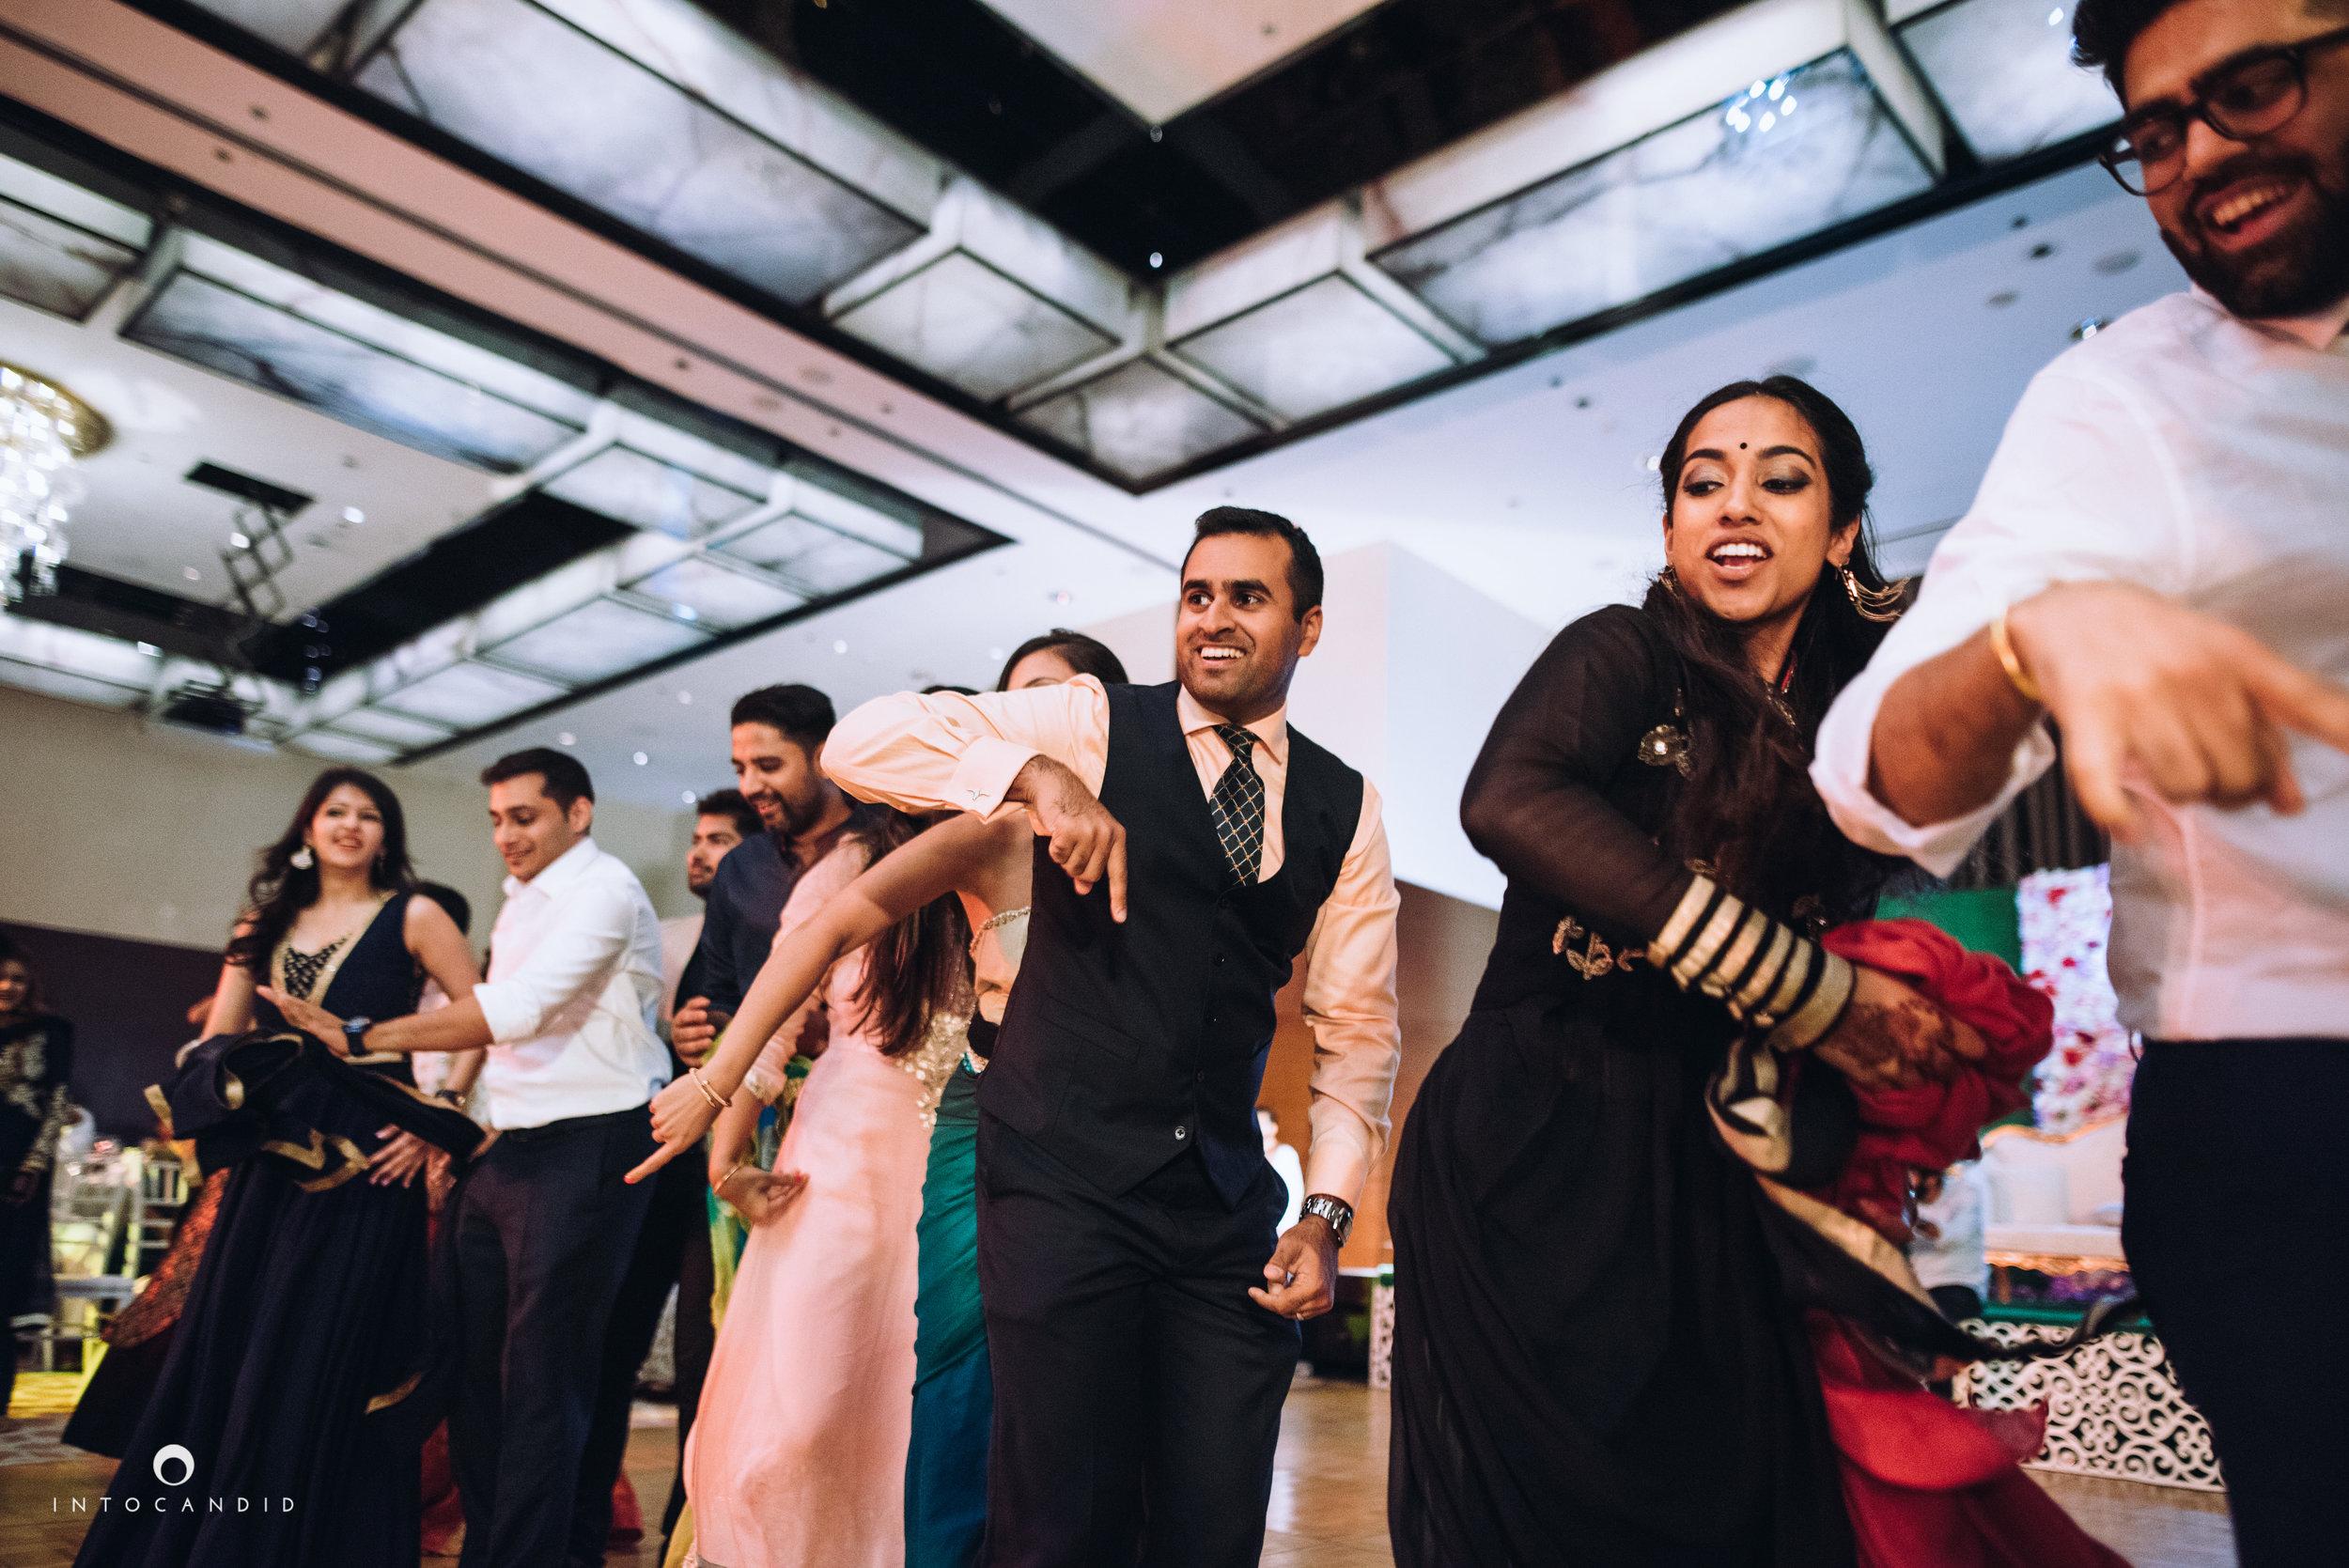 Dubai_Wedding_Photographer_73.JPG